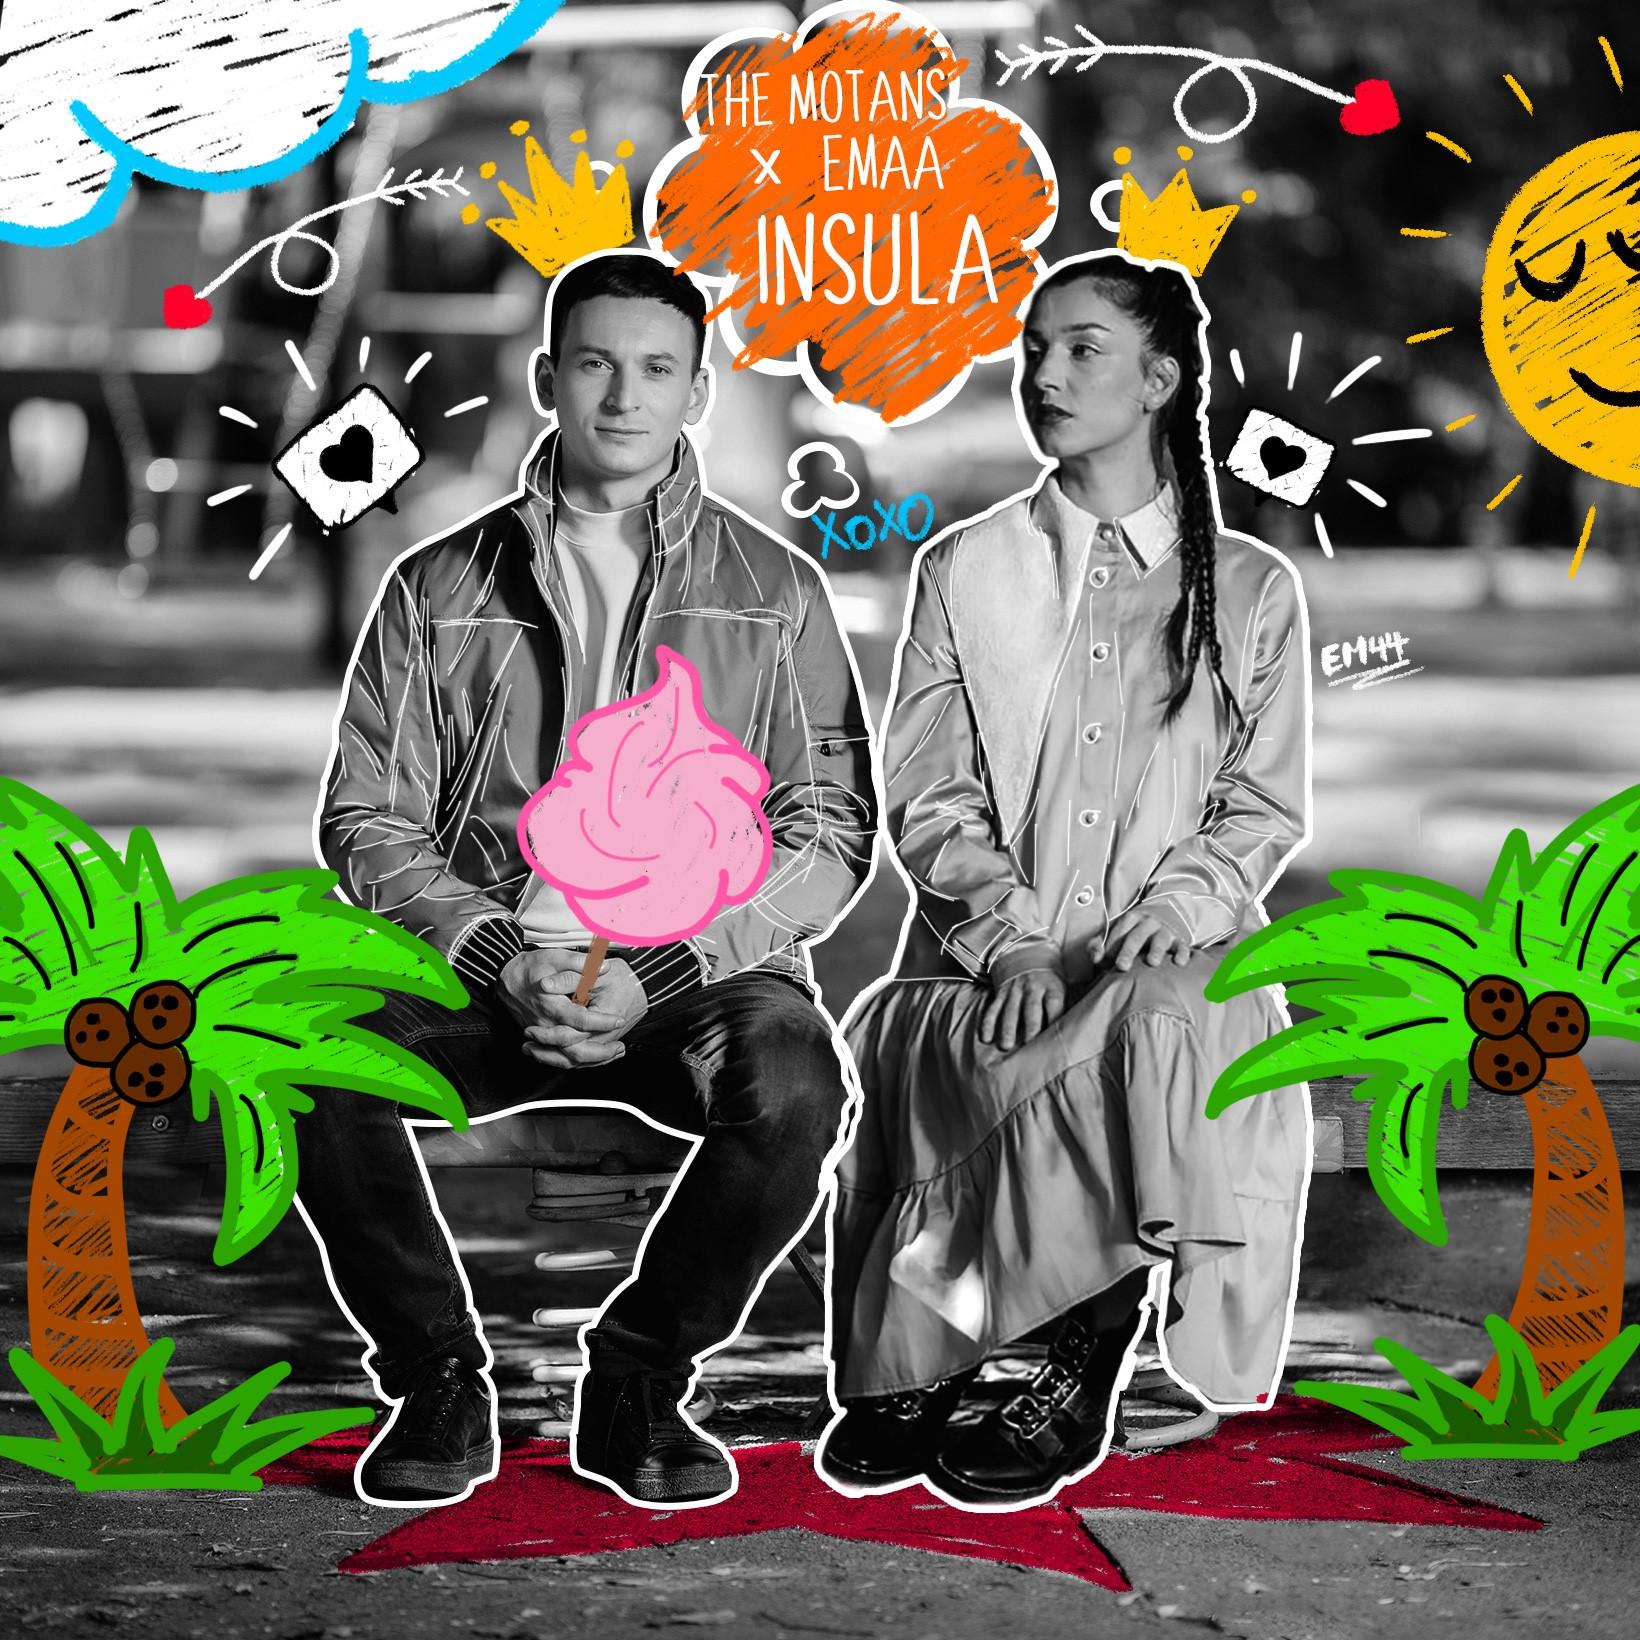 Piesa Insula, The Motans feat. EMAA poate fi ascultată de astăzi pe YouTube Music!